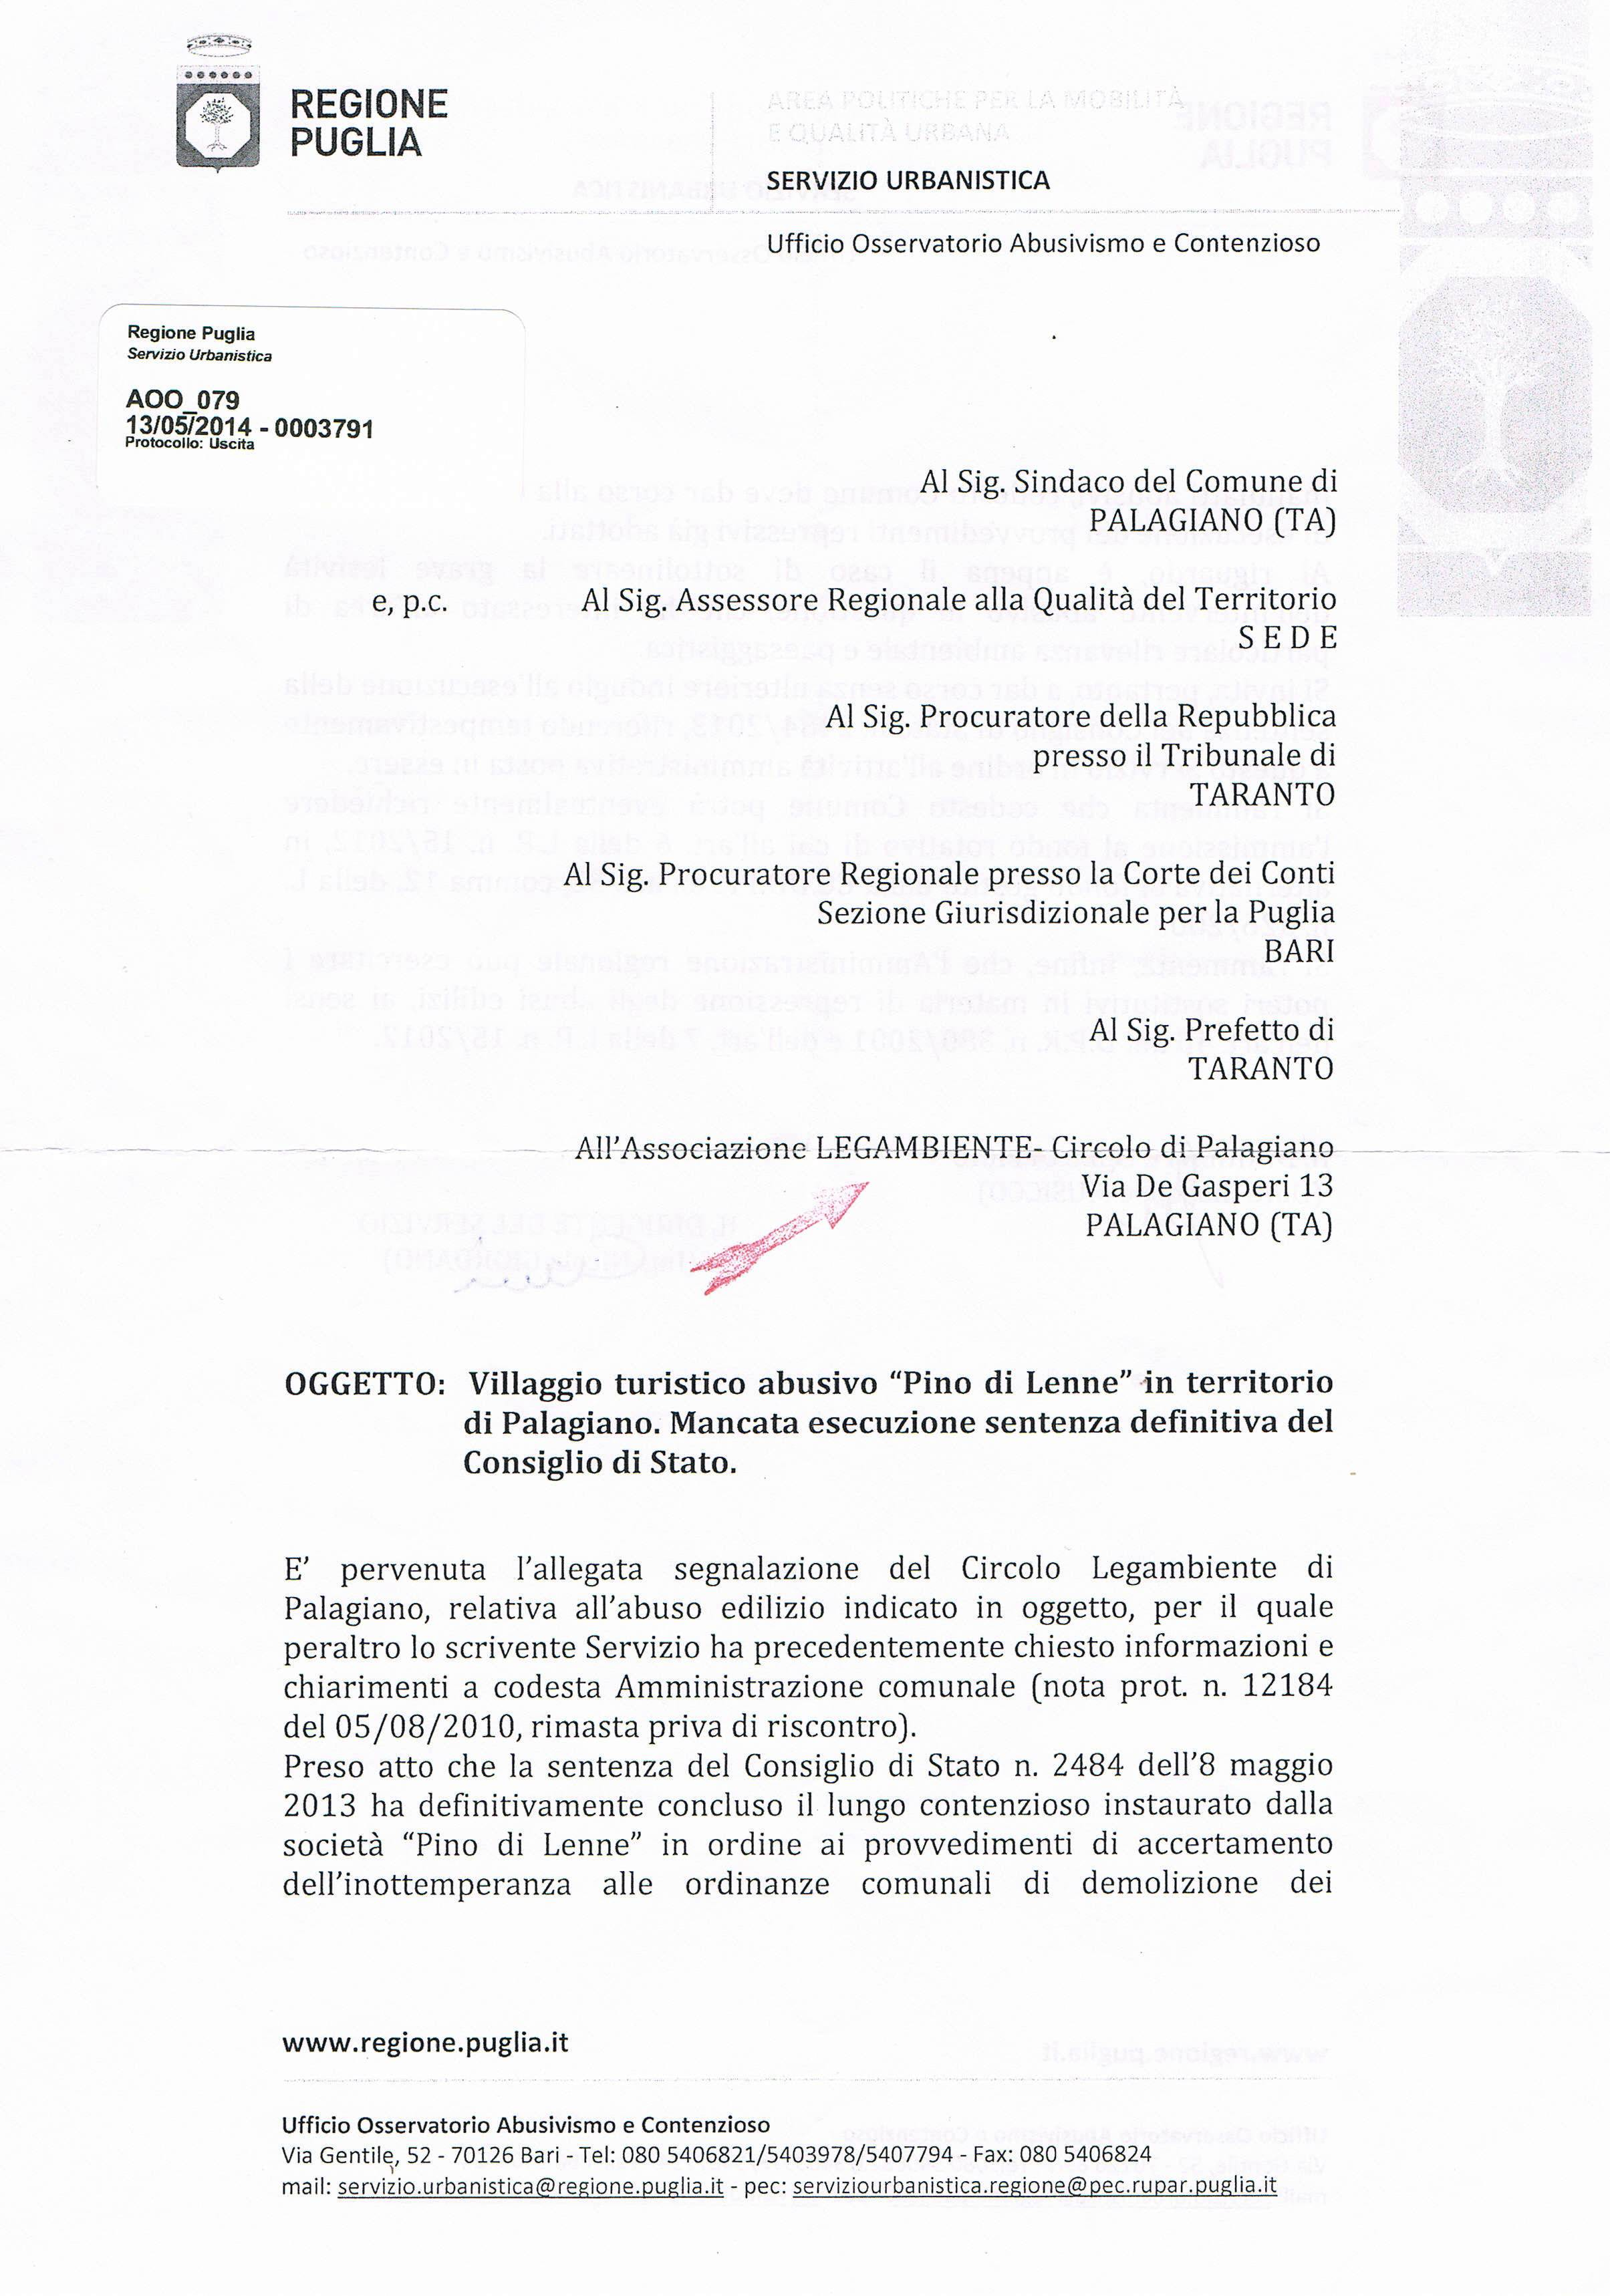 LA LEGALITA' NON ALBERGA A PALAGIANO!